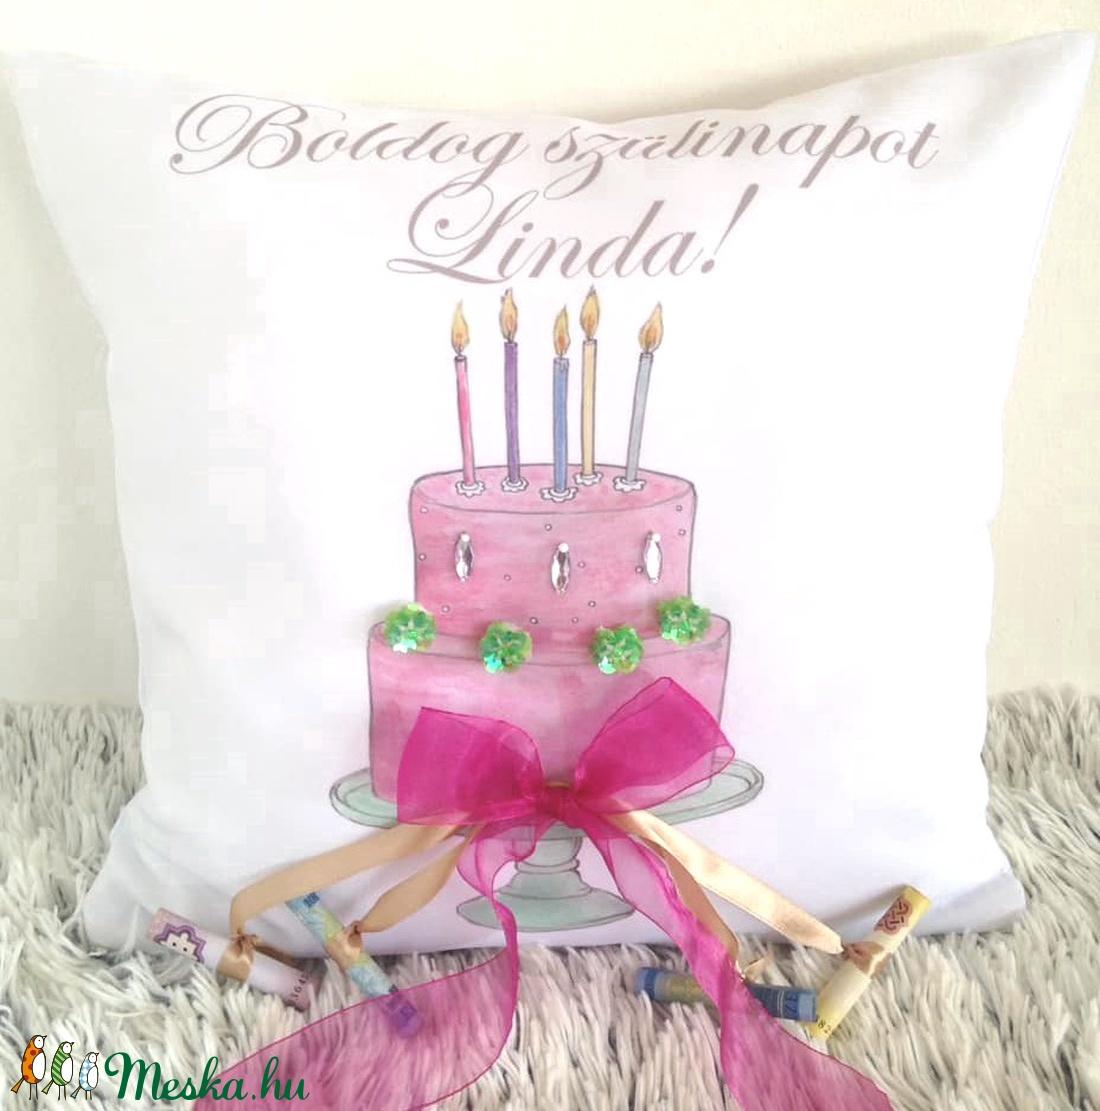 Egyedi lányos születésnapi tortás párna saját névvel és dátummal, Születésnap lány, személyre szóló, szülinapi ajándék (EVYHomeDecor) Meska.hu